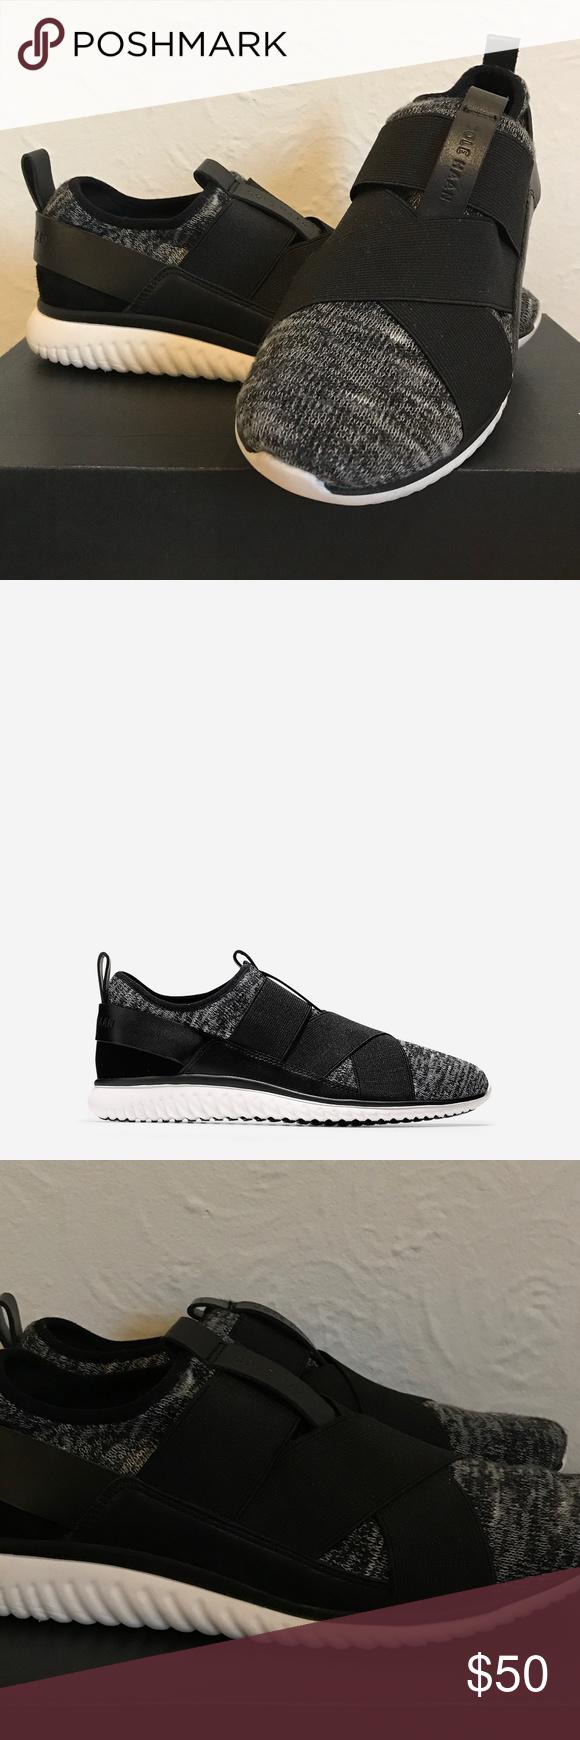 Cole Haan Studio Grand Knit sneakers